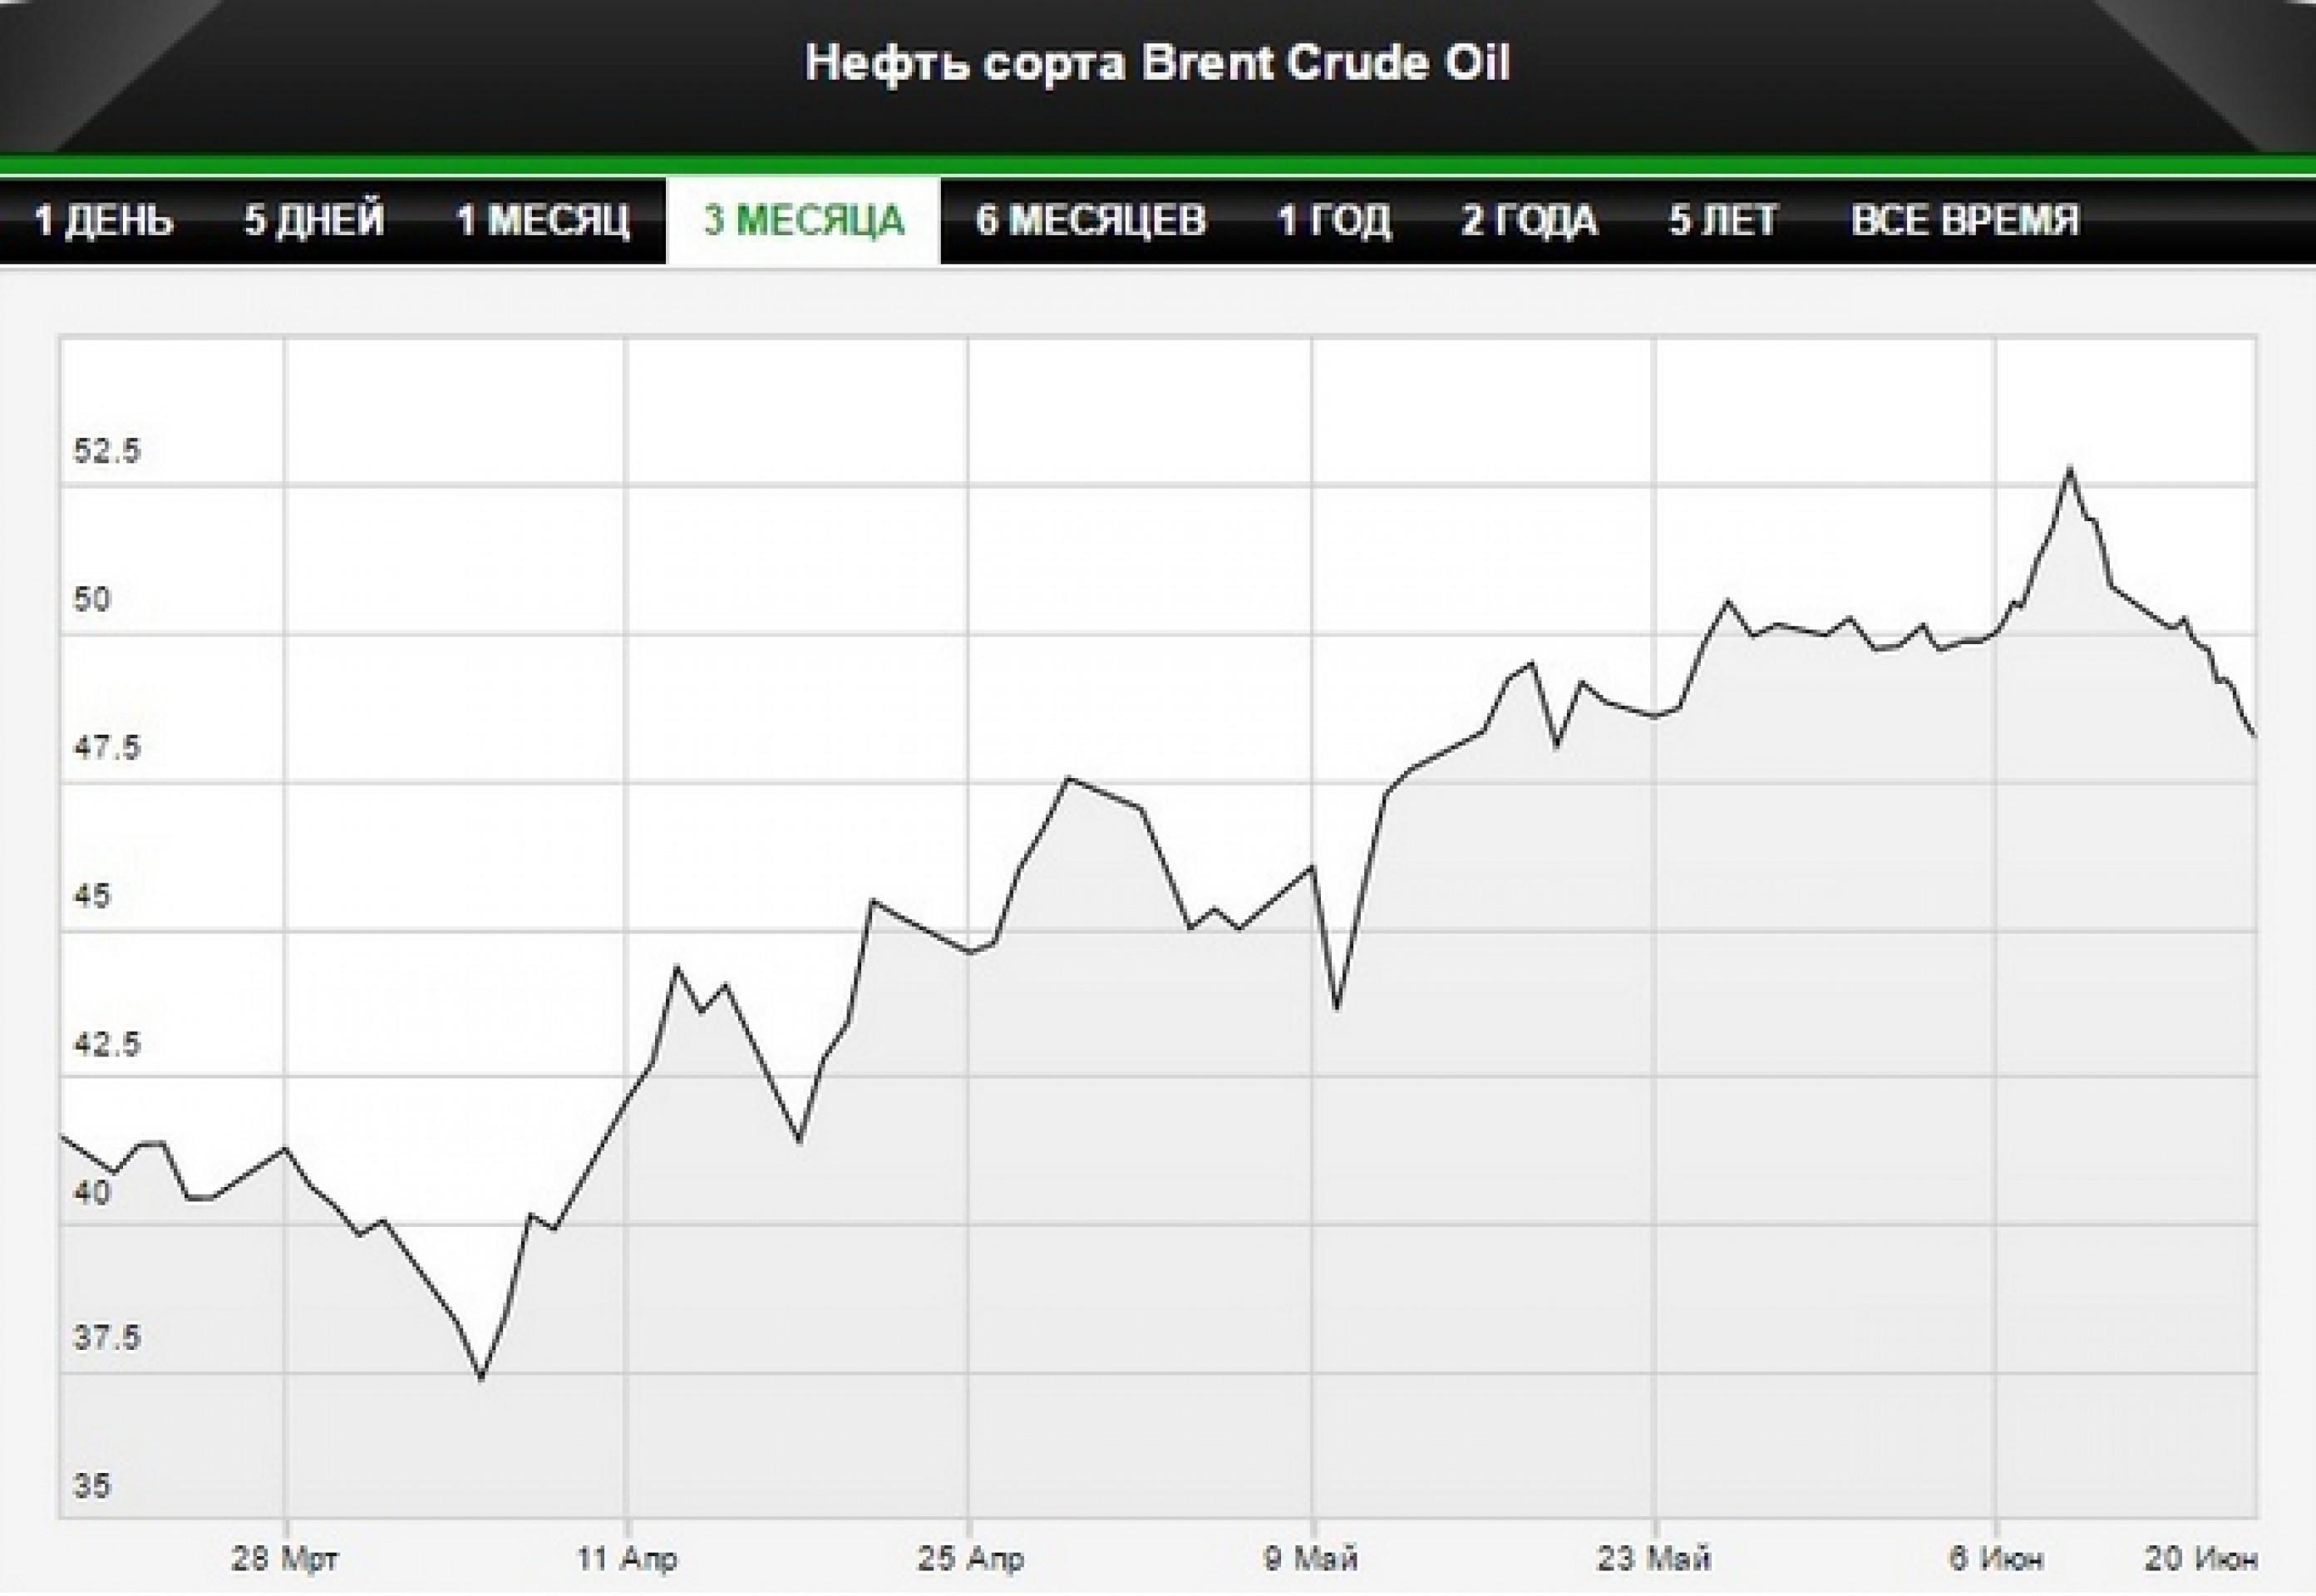 Цена на нефть марки Brent упала ниже $48 за баррель